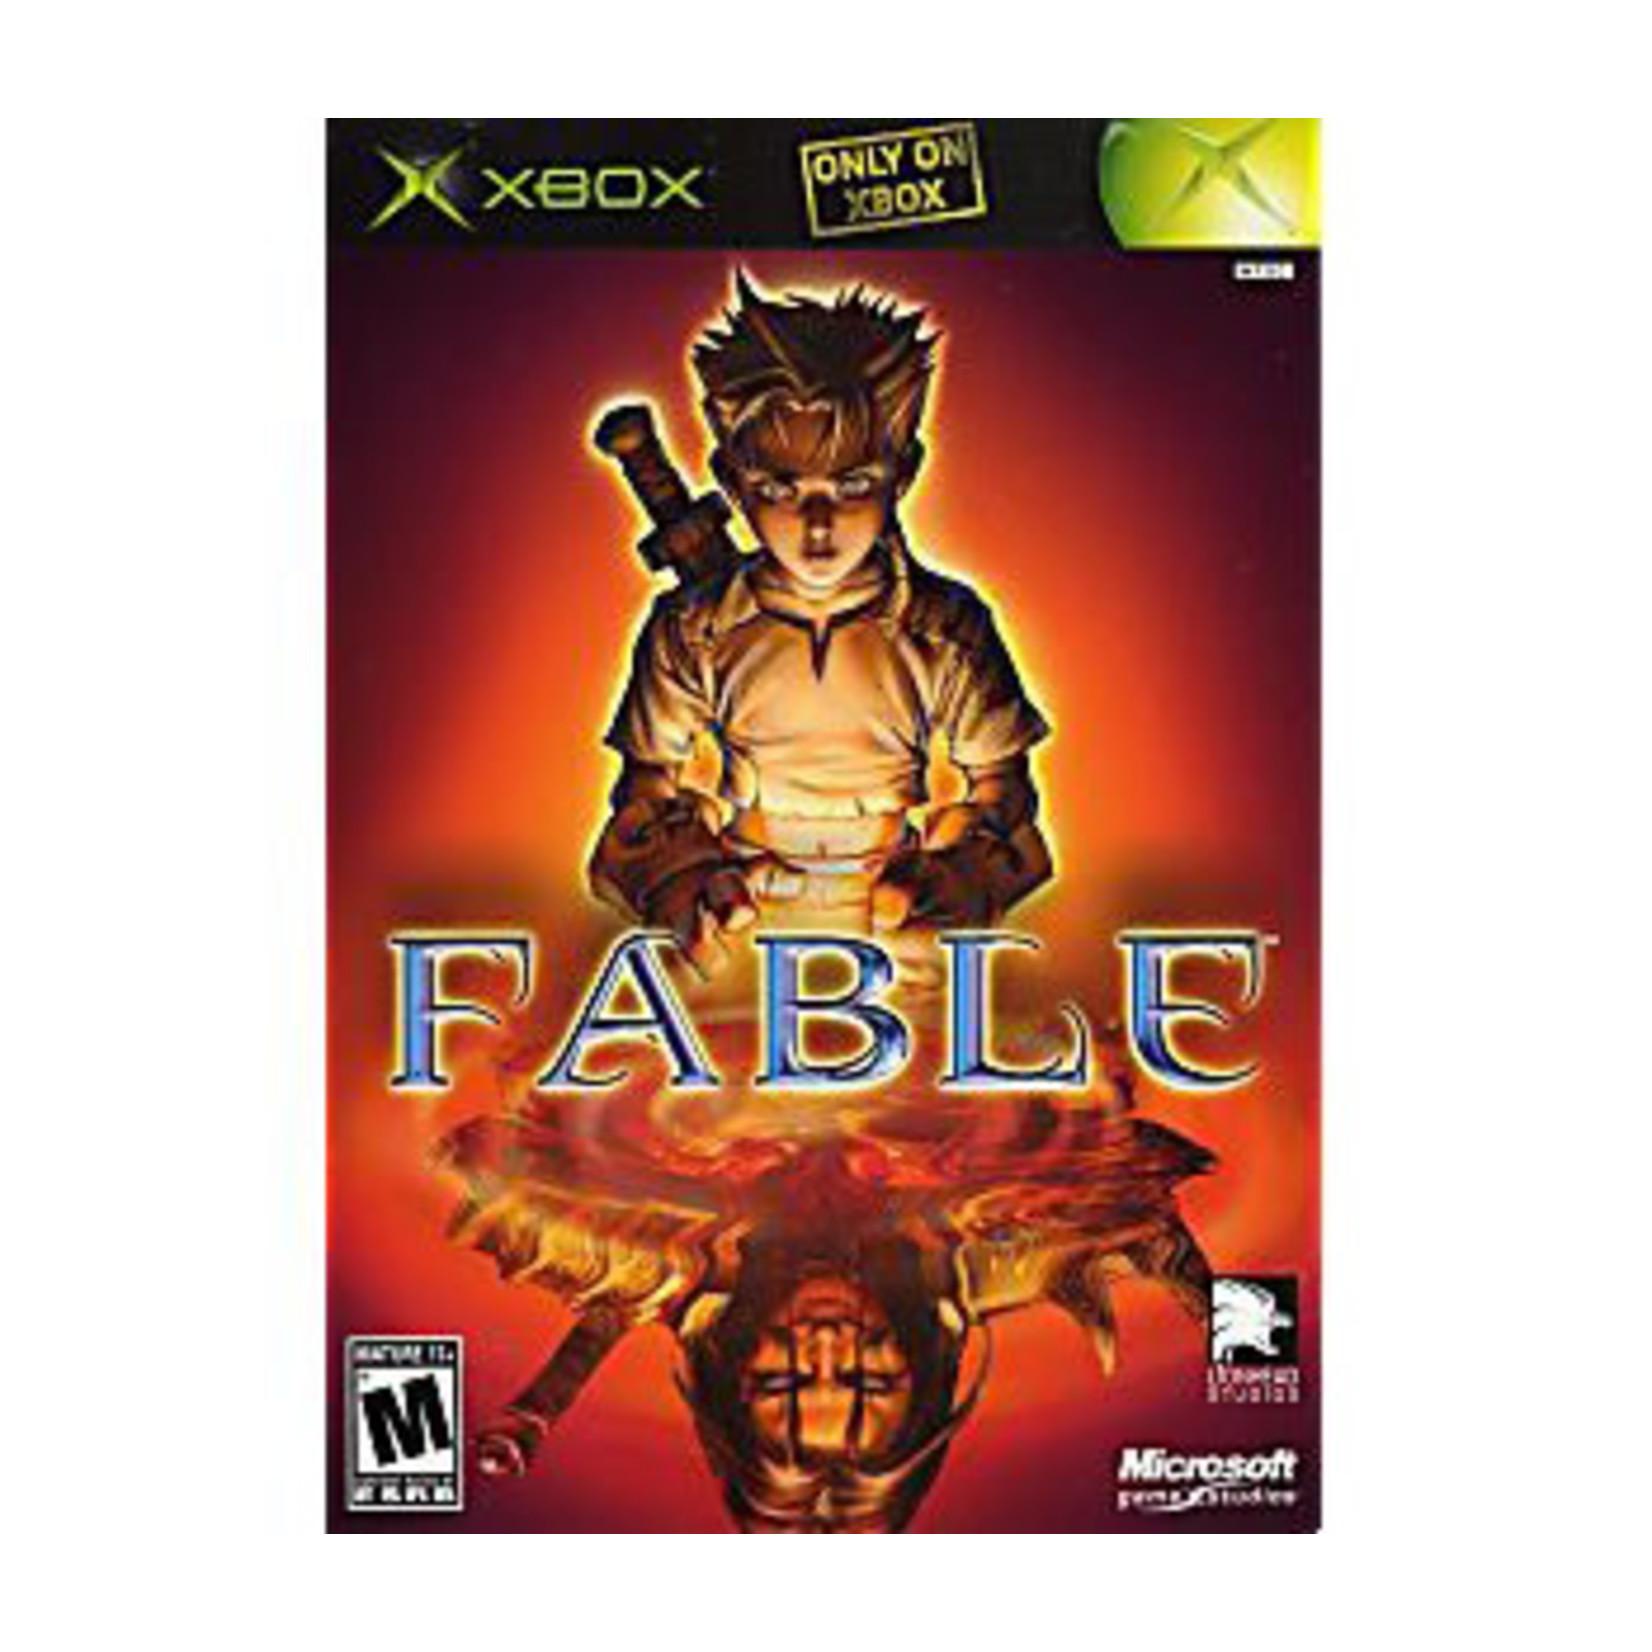 XBU-FABLE